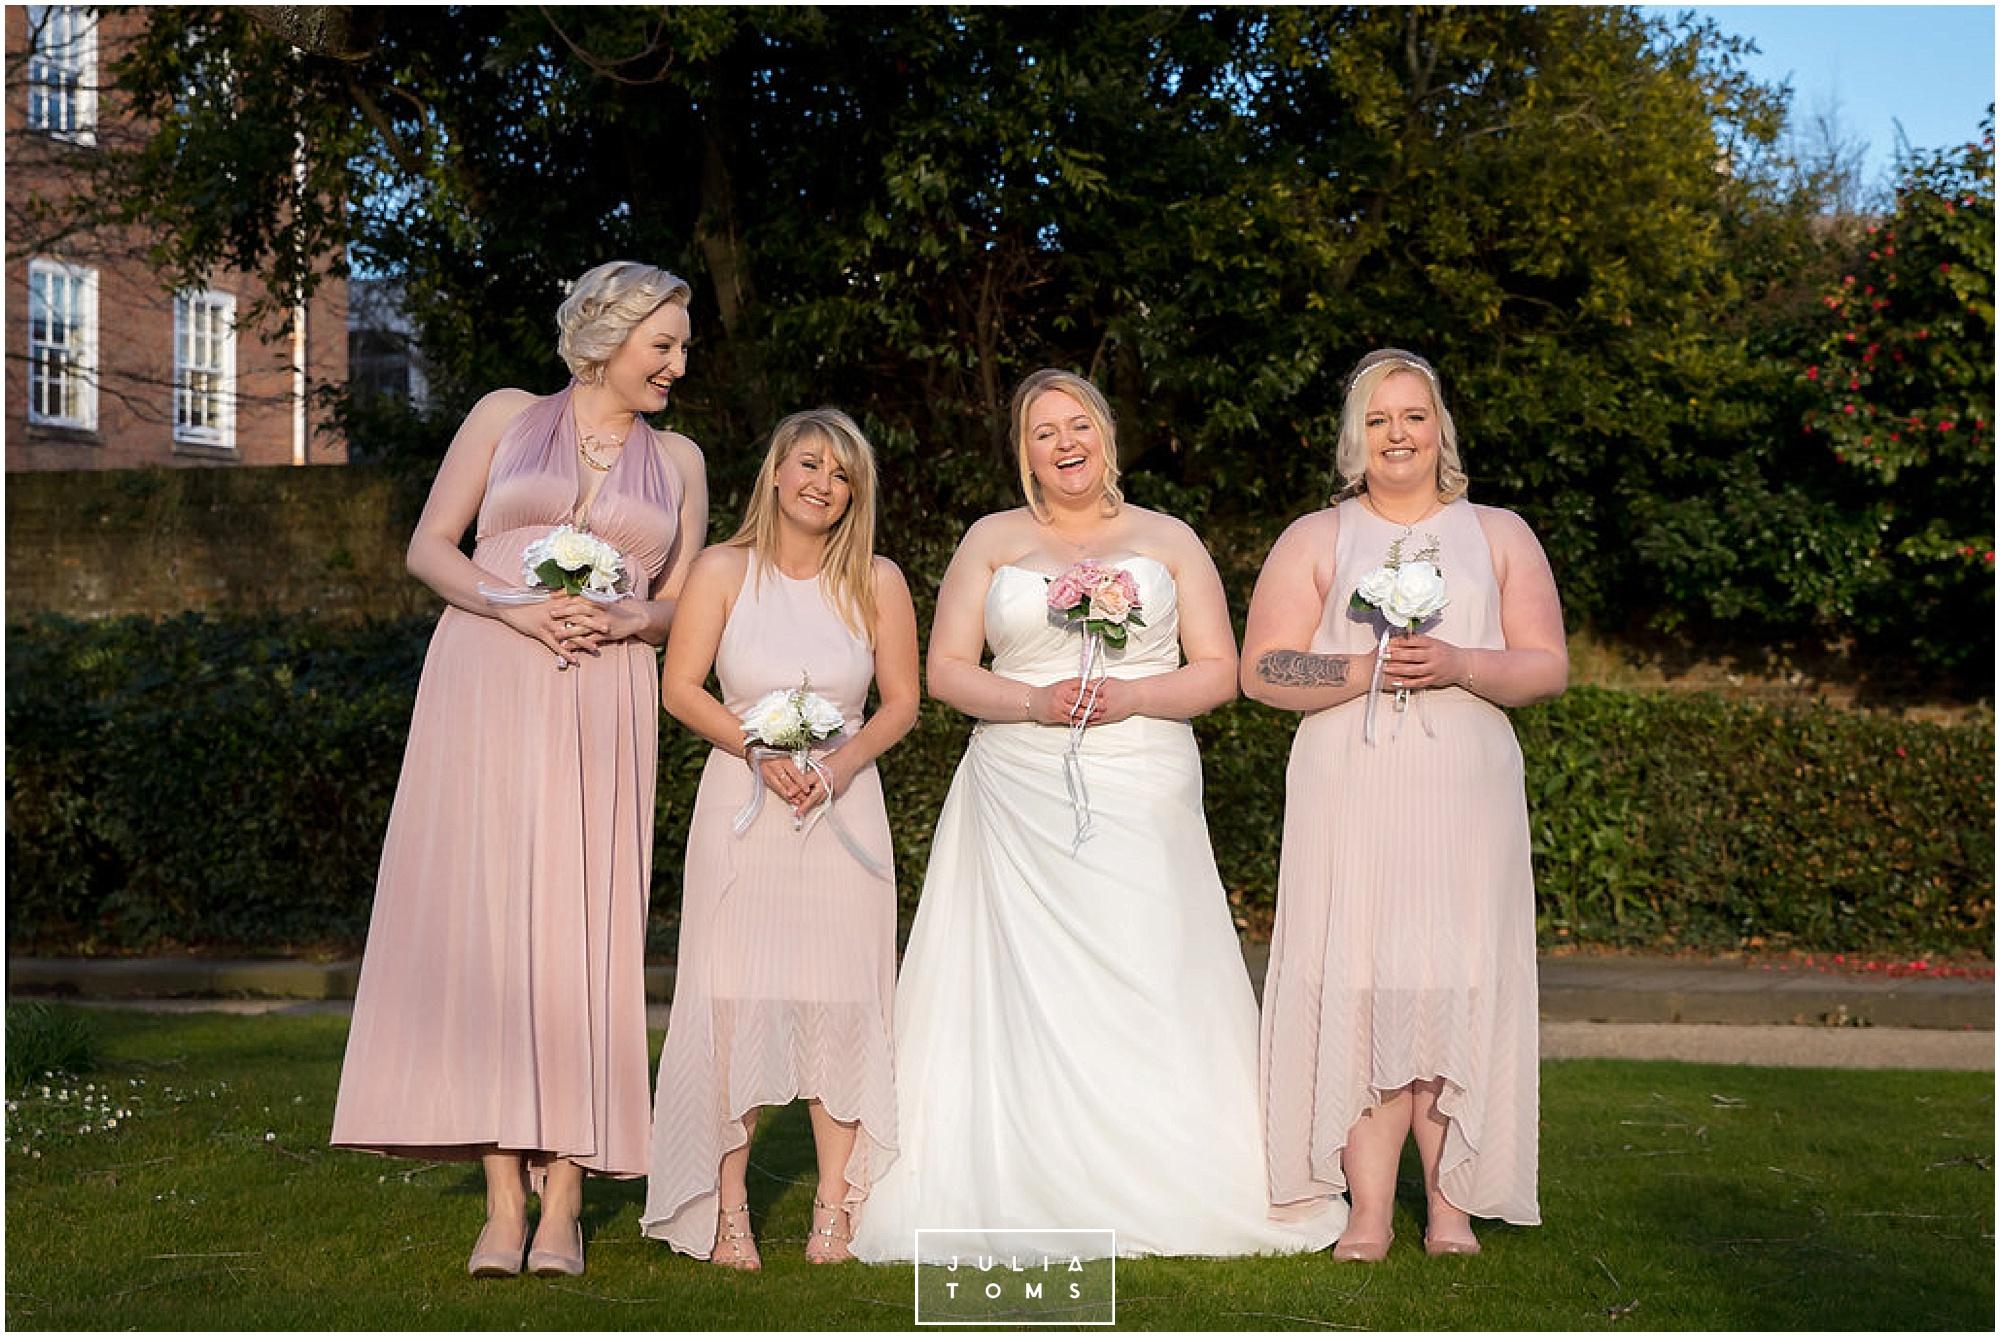 JuliaToms_chichester_wedding_photograher_edes_house_032.jpg